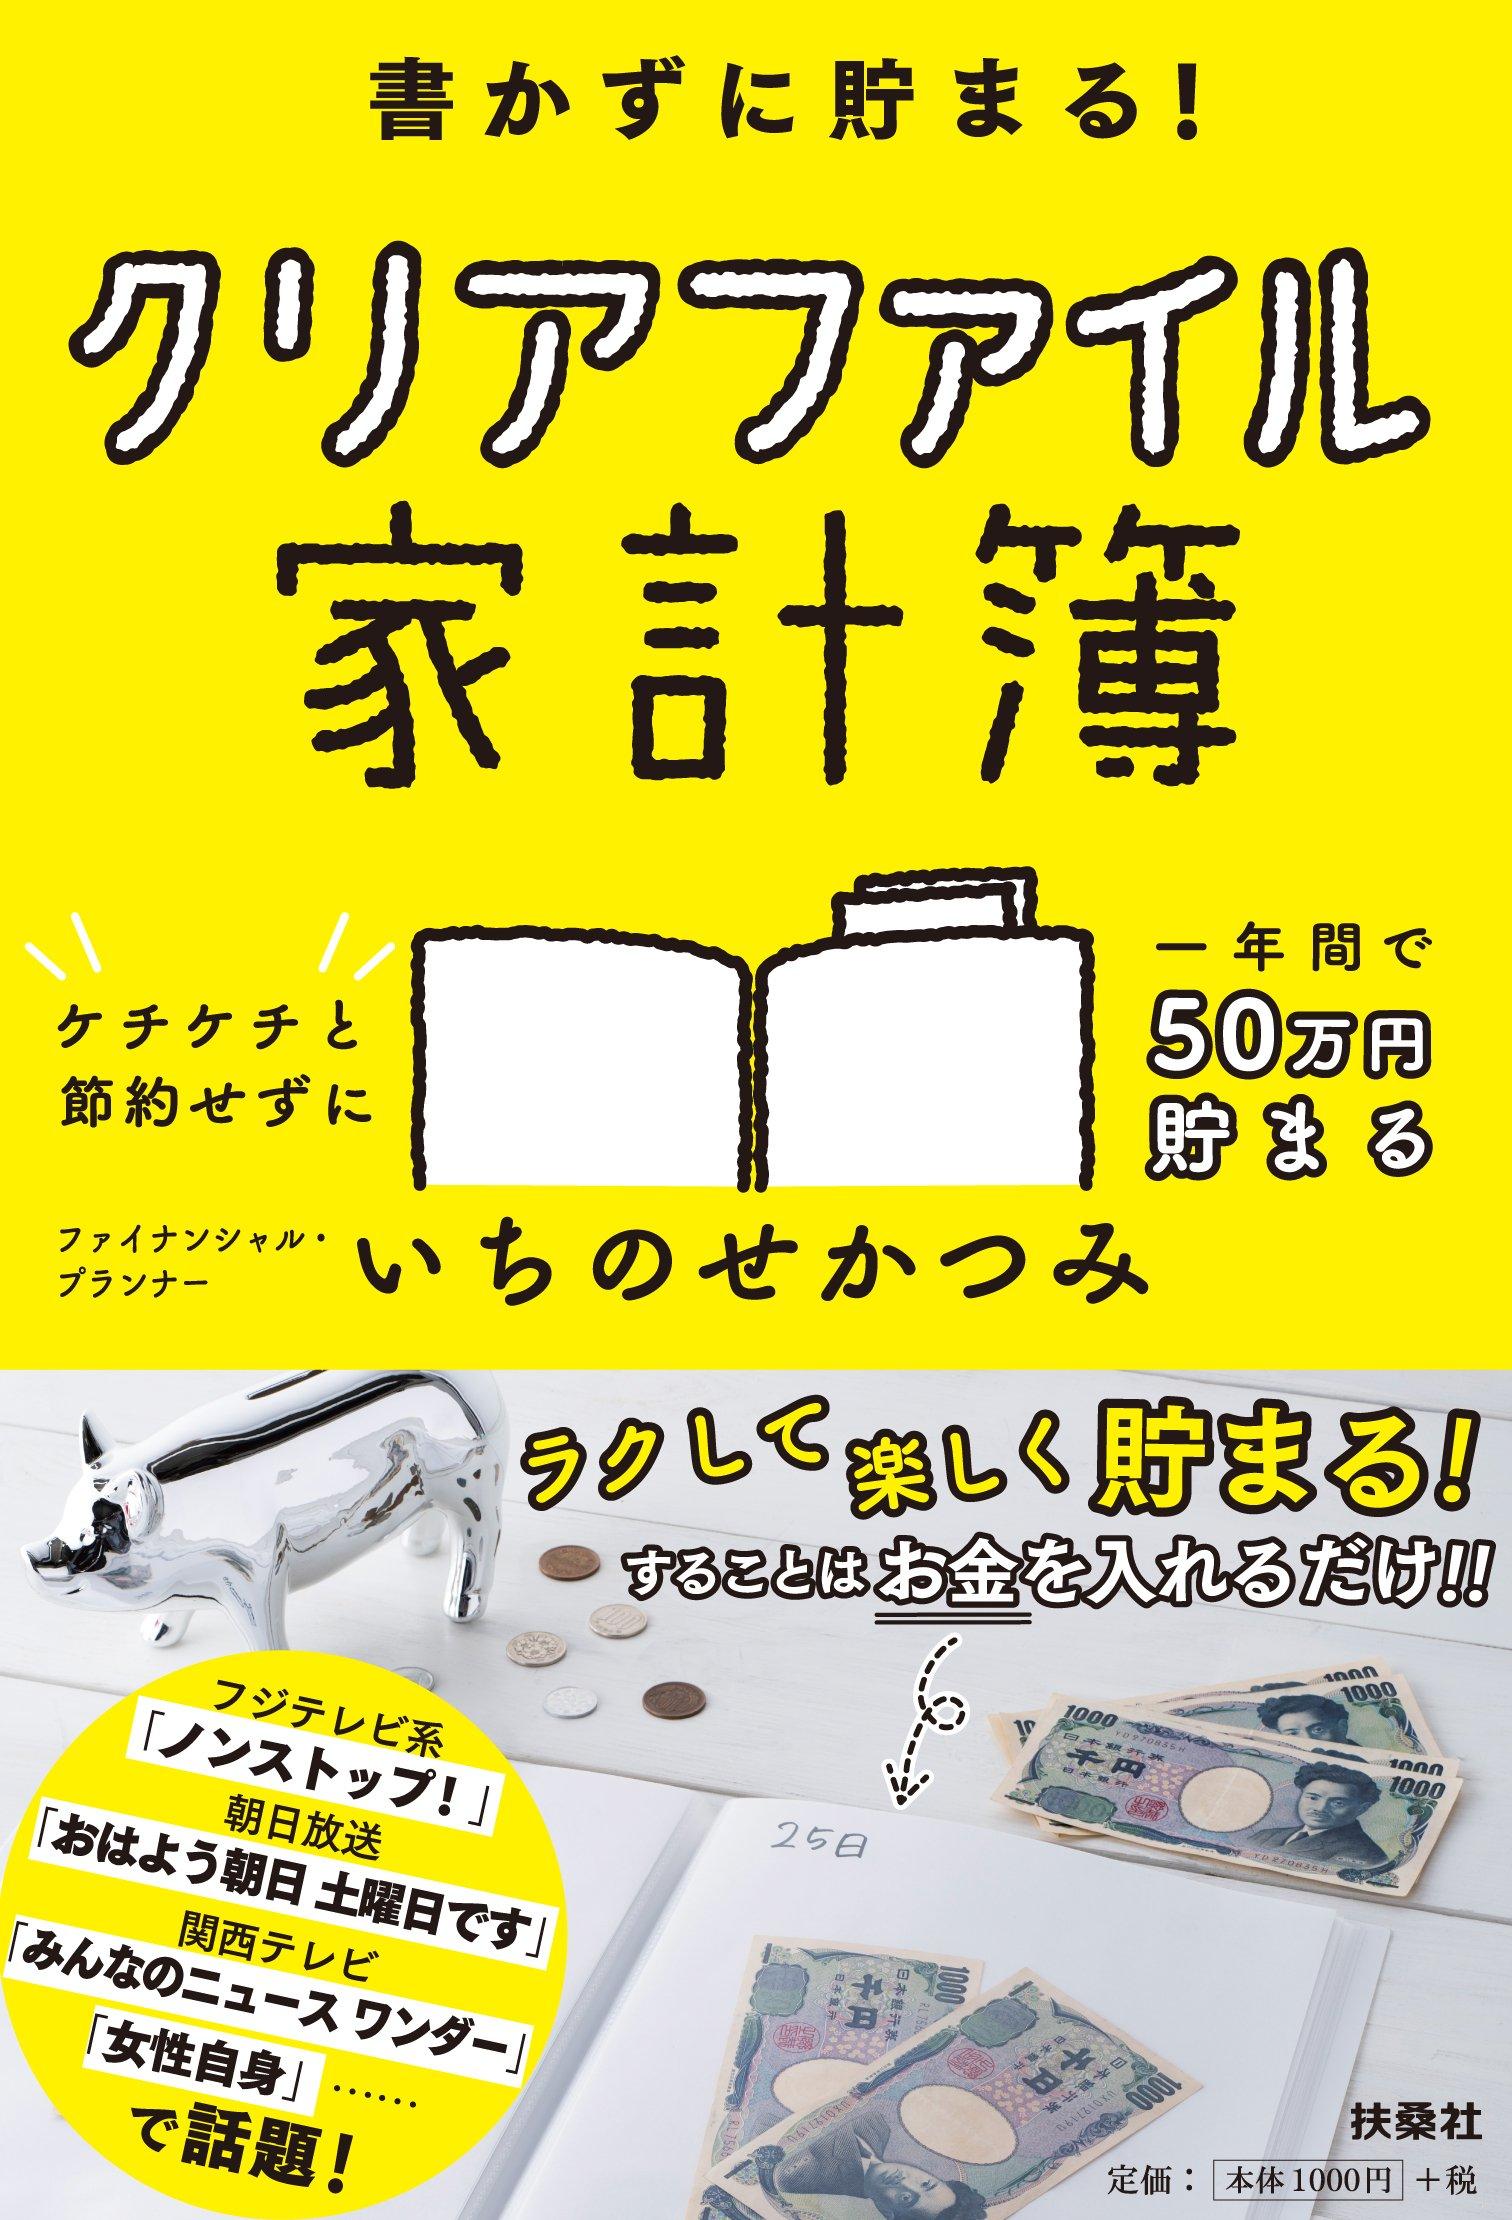 『書かずに貯まる! クリアファイル家計簿』いちのせかつみ (著)